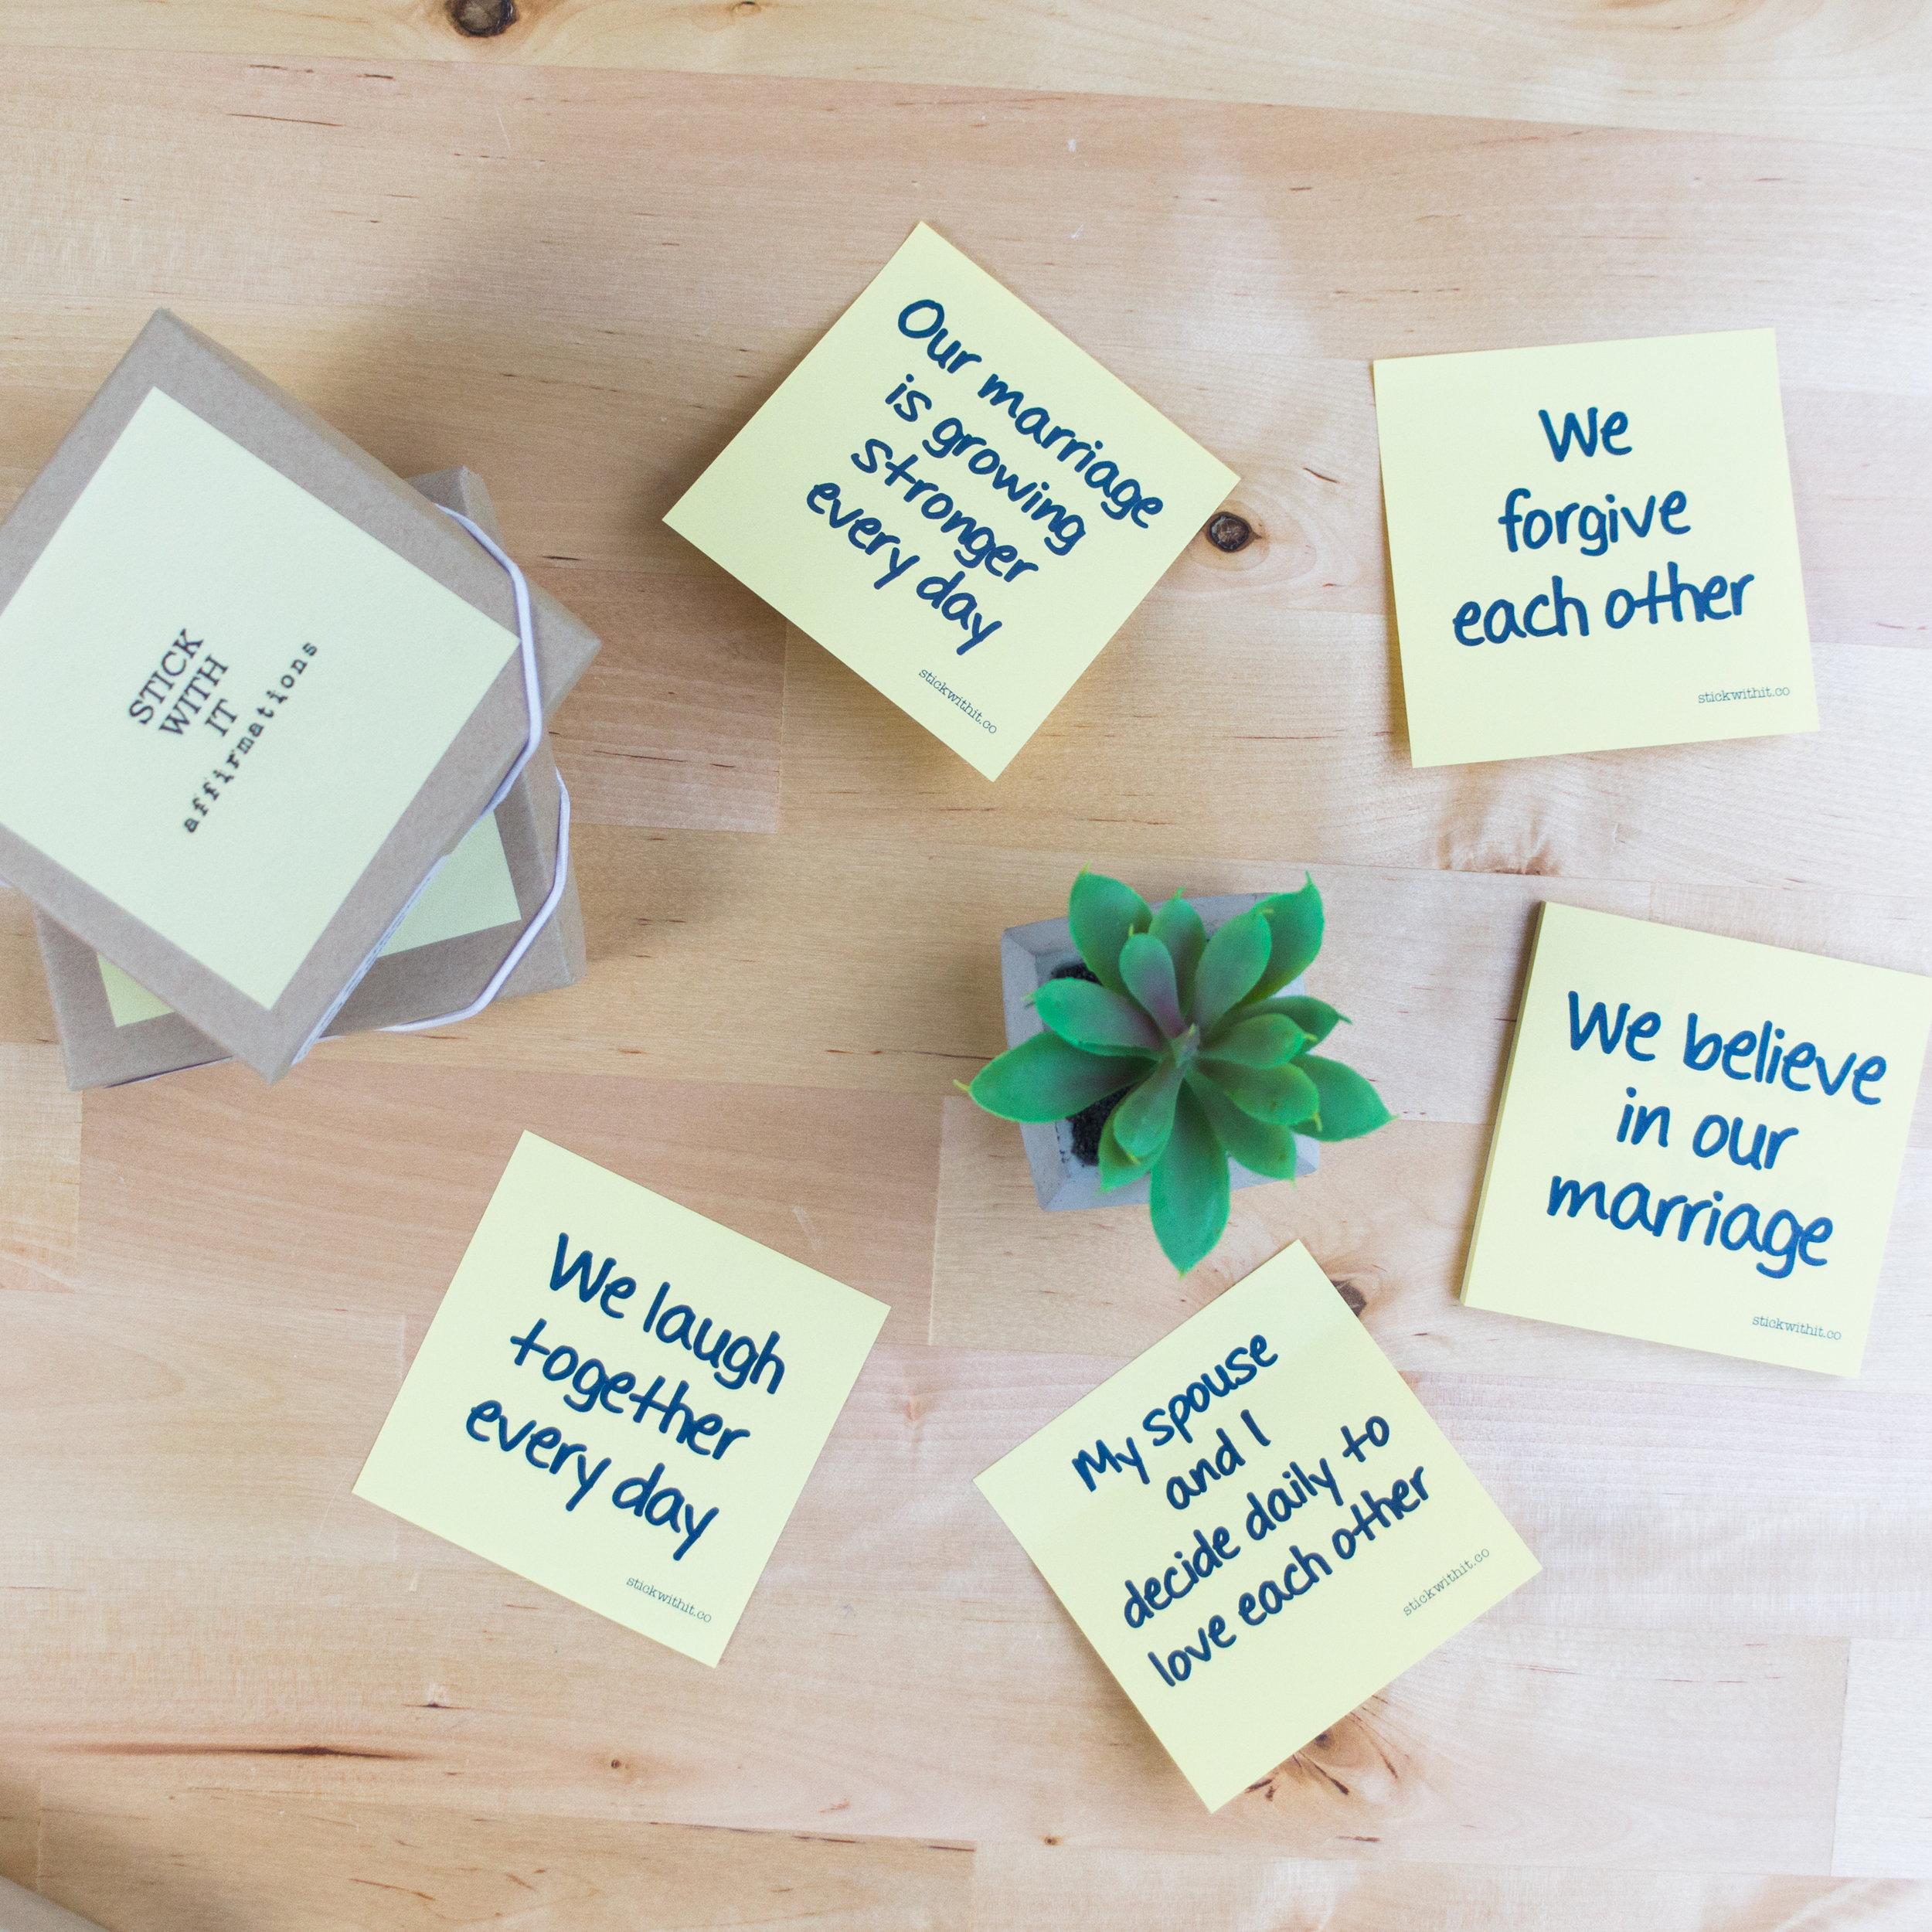 marriage5.jpg